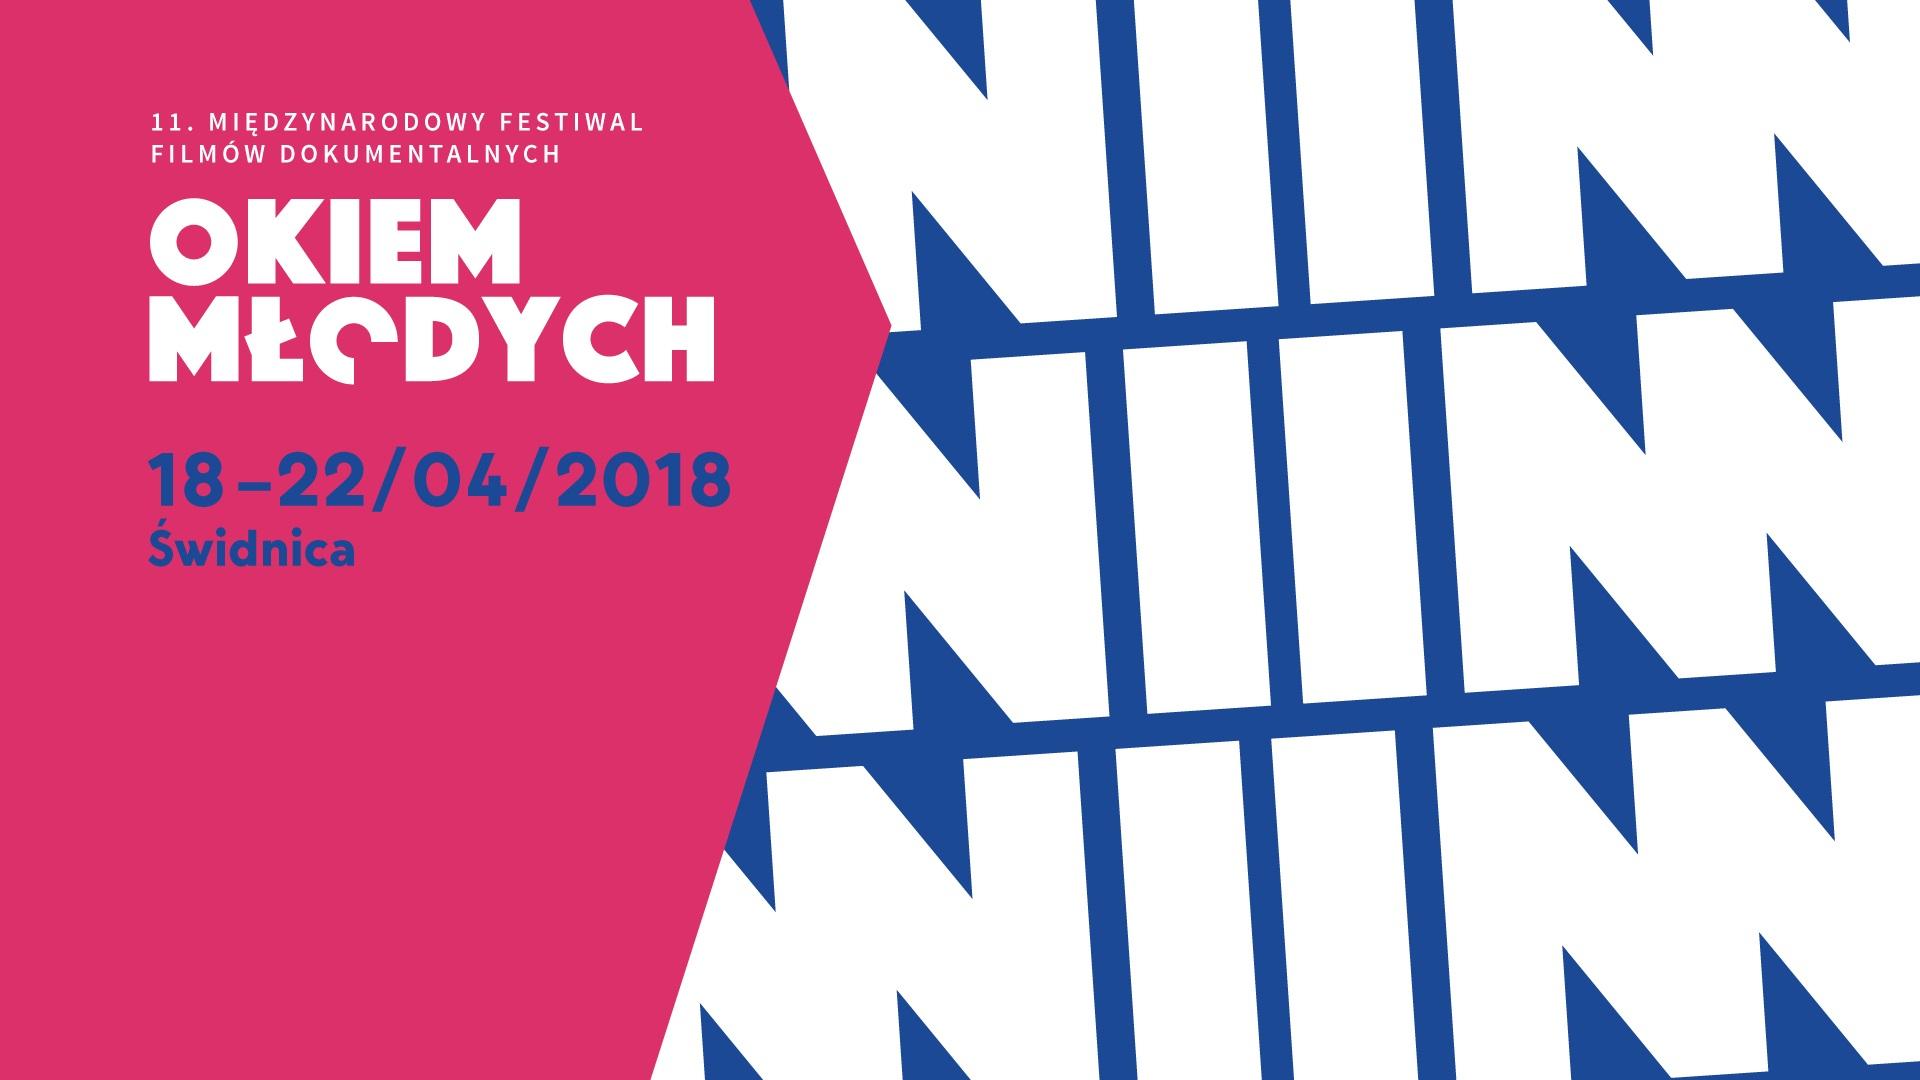 """Międzynarodowy Festiwal Filmów Dokumentalnych """"Okiem Młodych"""" w Świdnicy (źródło: materiały prasowe organizatora)"""